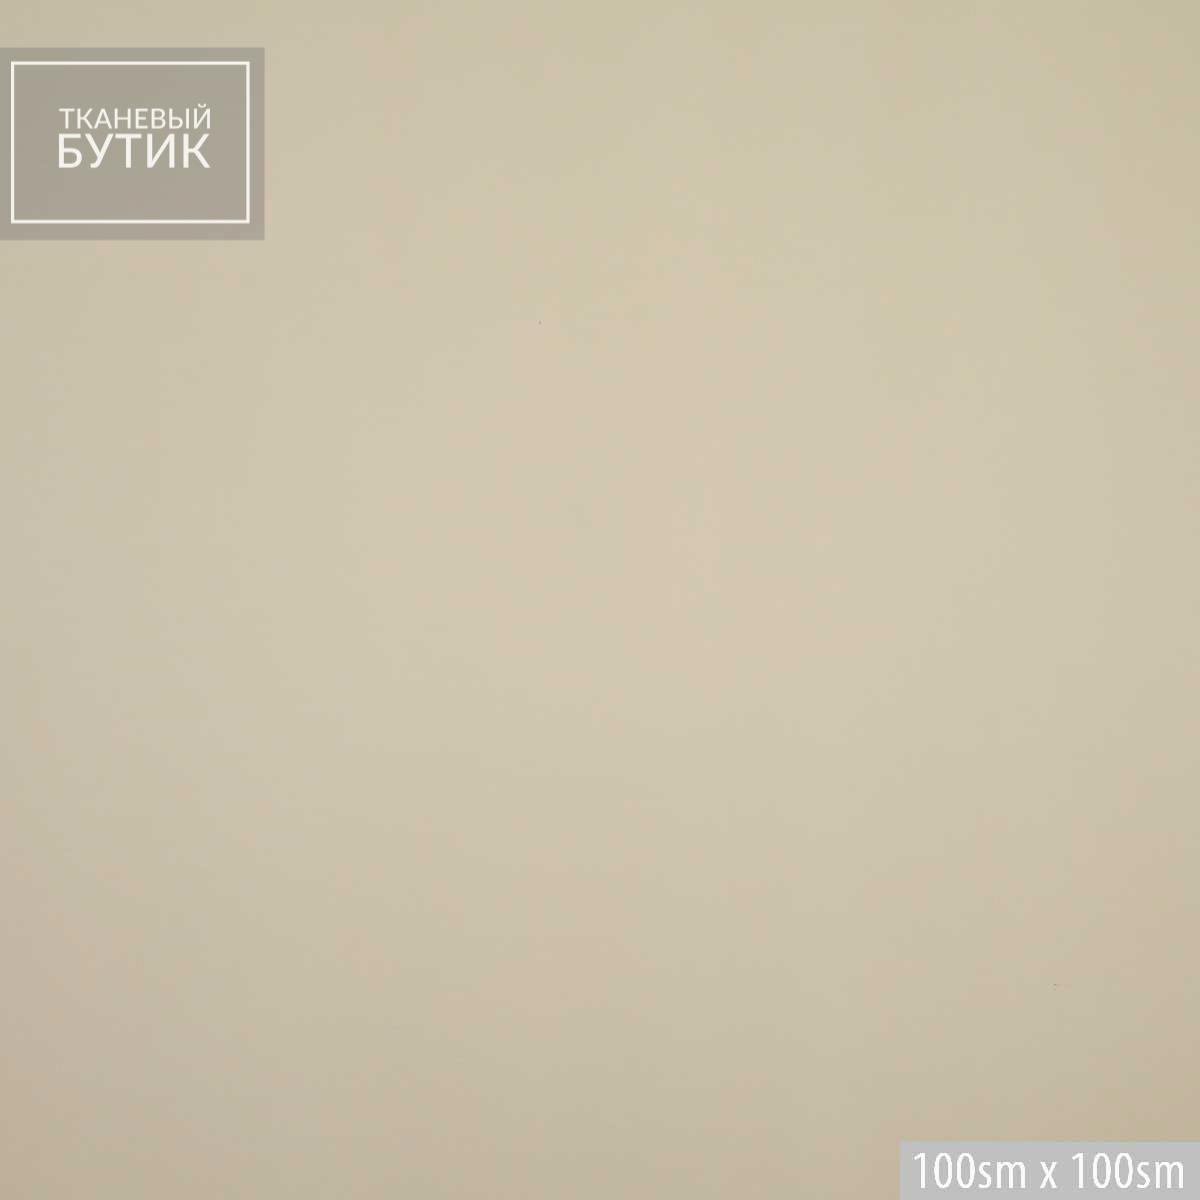 Плотный хлопок с эластаном светло-песочного цвета